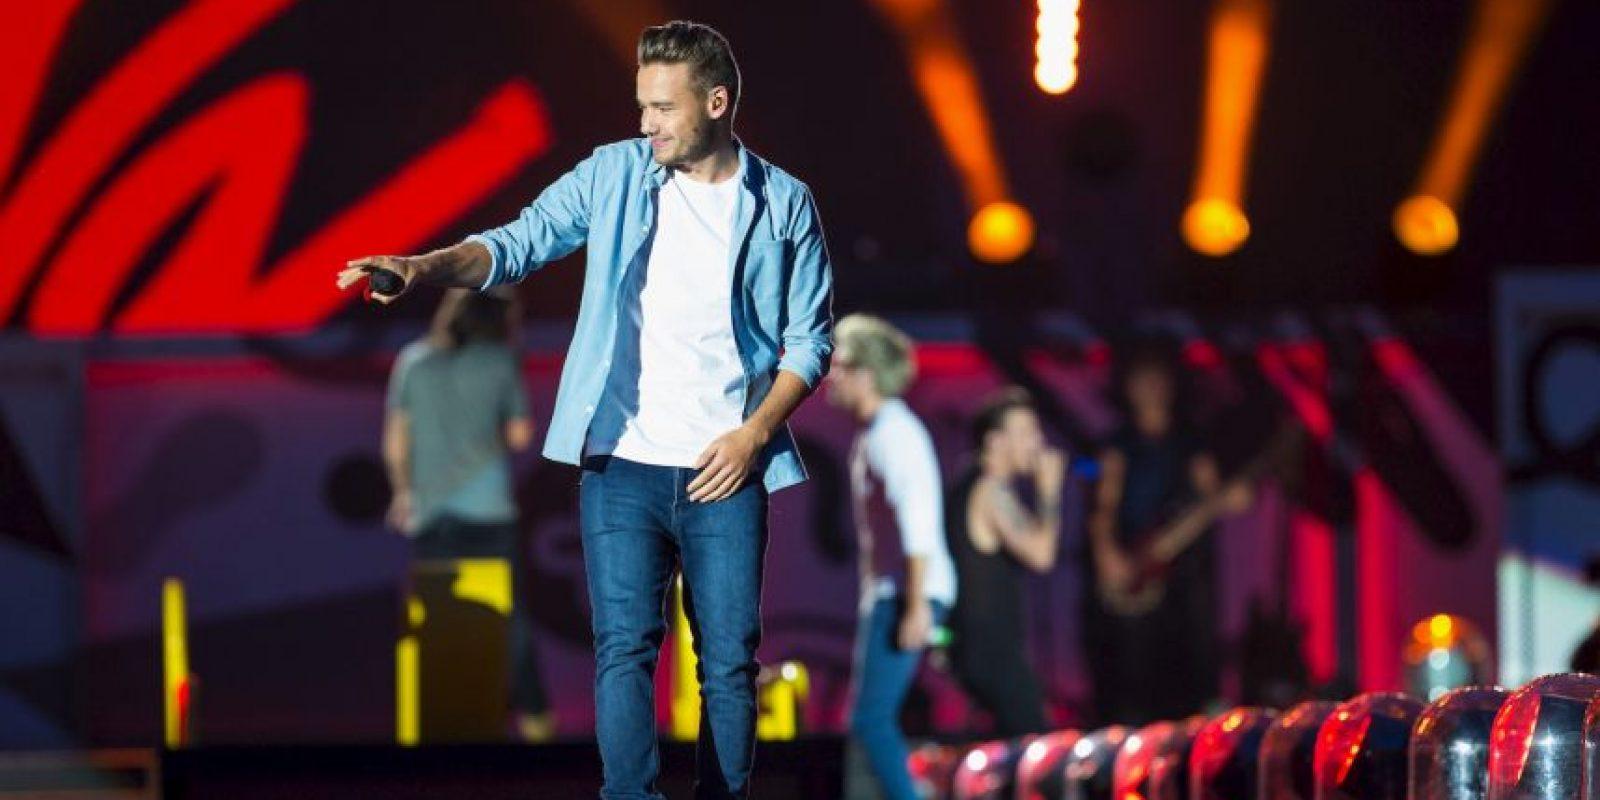 Liam en lugar de enojarse, siguió cantando. Foto:Getty Images